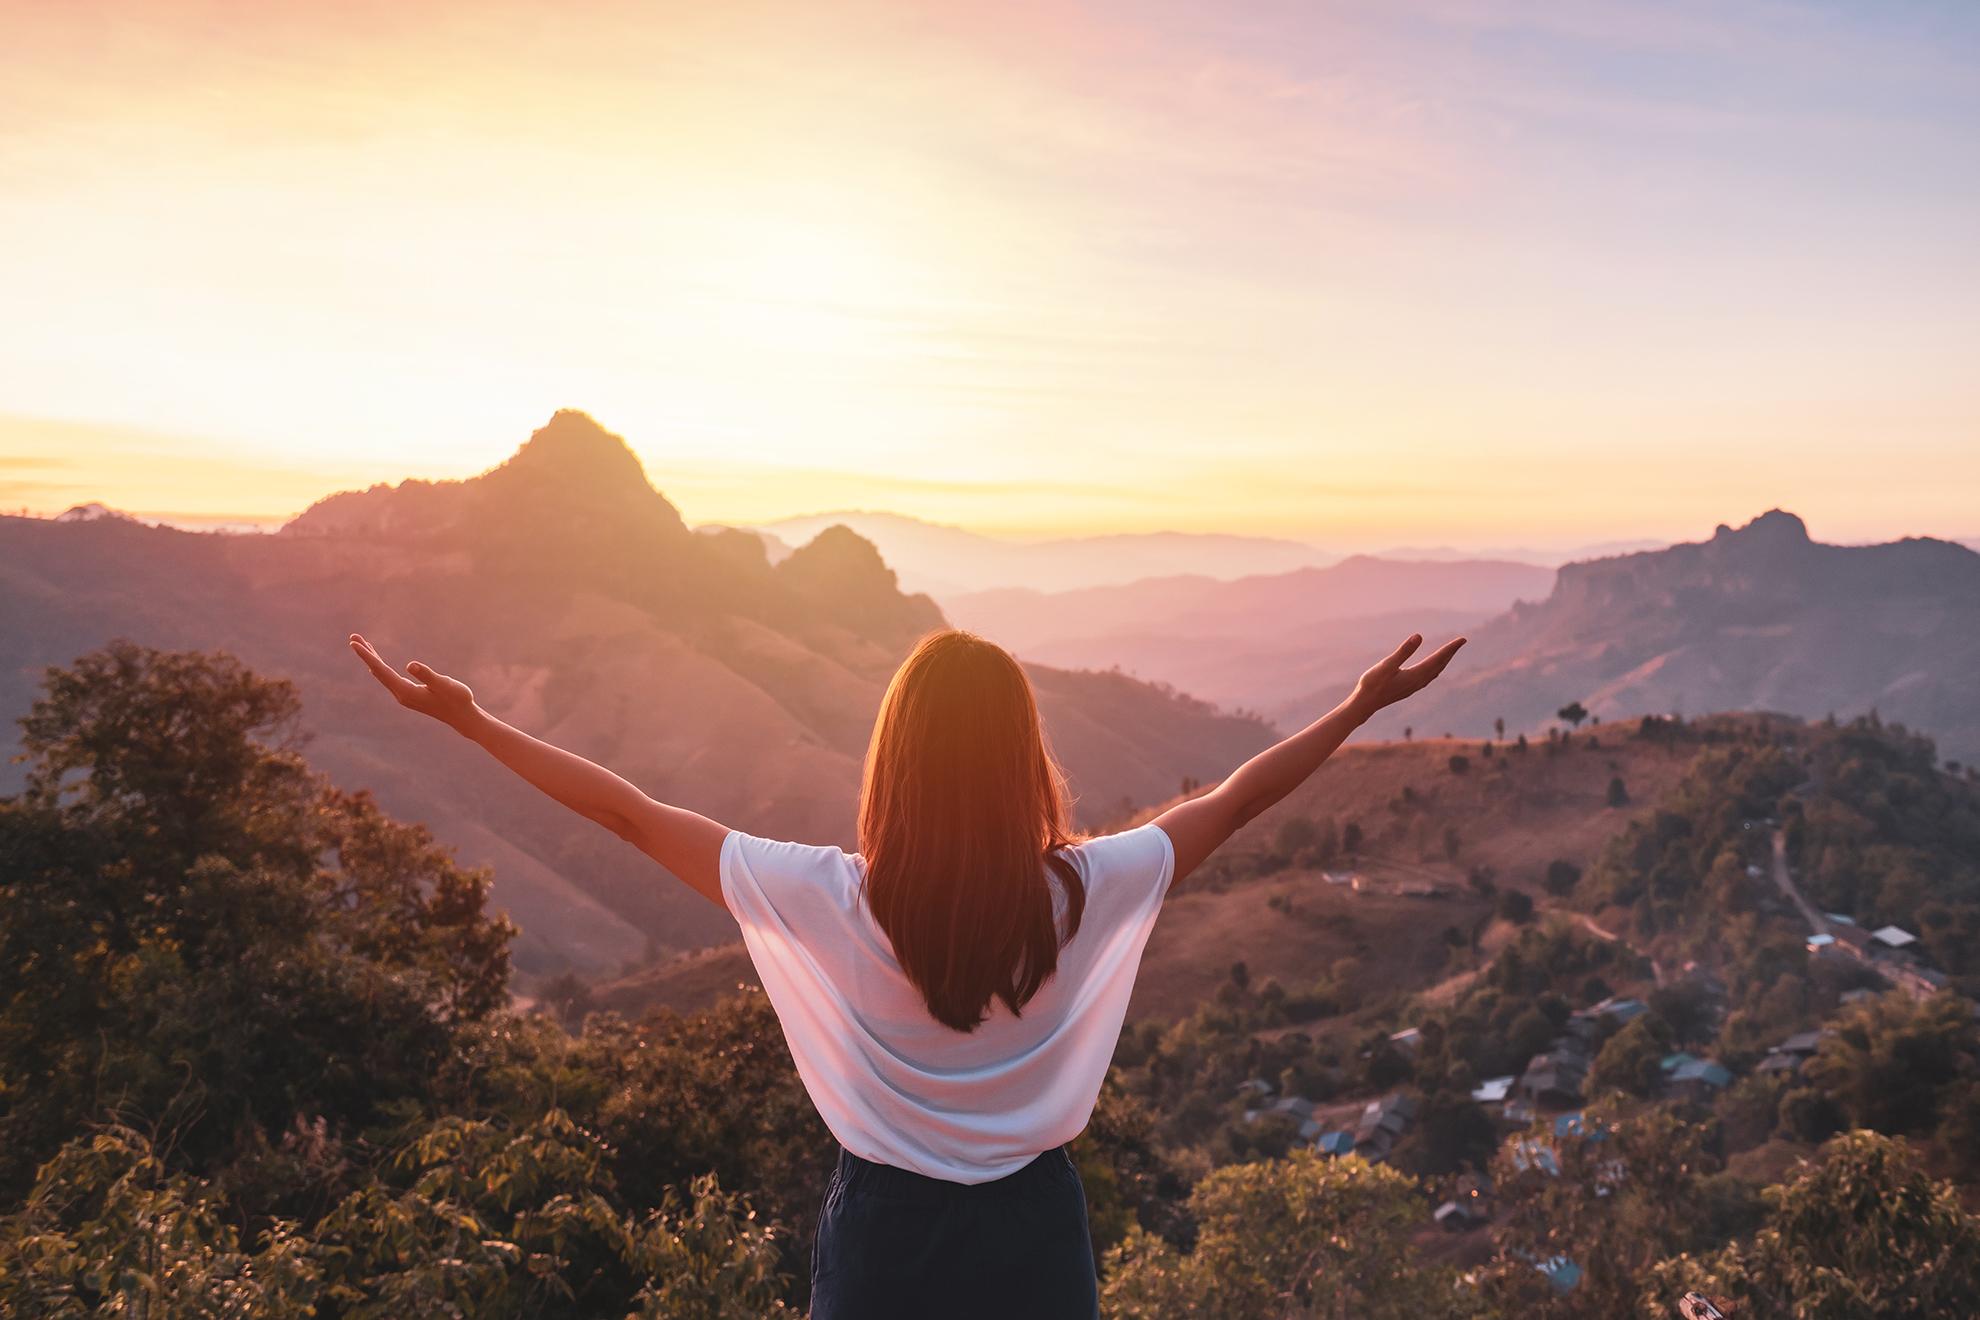 Eine junge Frau in Sommerkleidung erhebt grüßend ihre Hände vor dem Sonnenaufgang an einer beeindruckenden, weiten Berglandschaft.